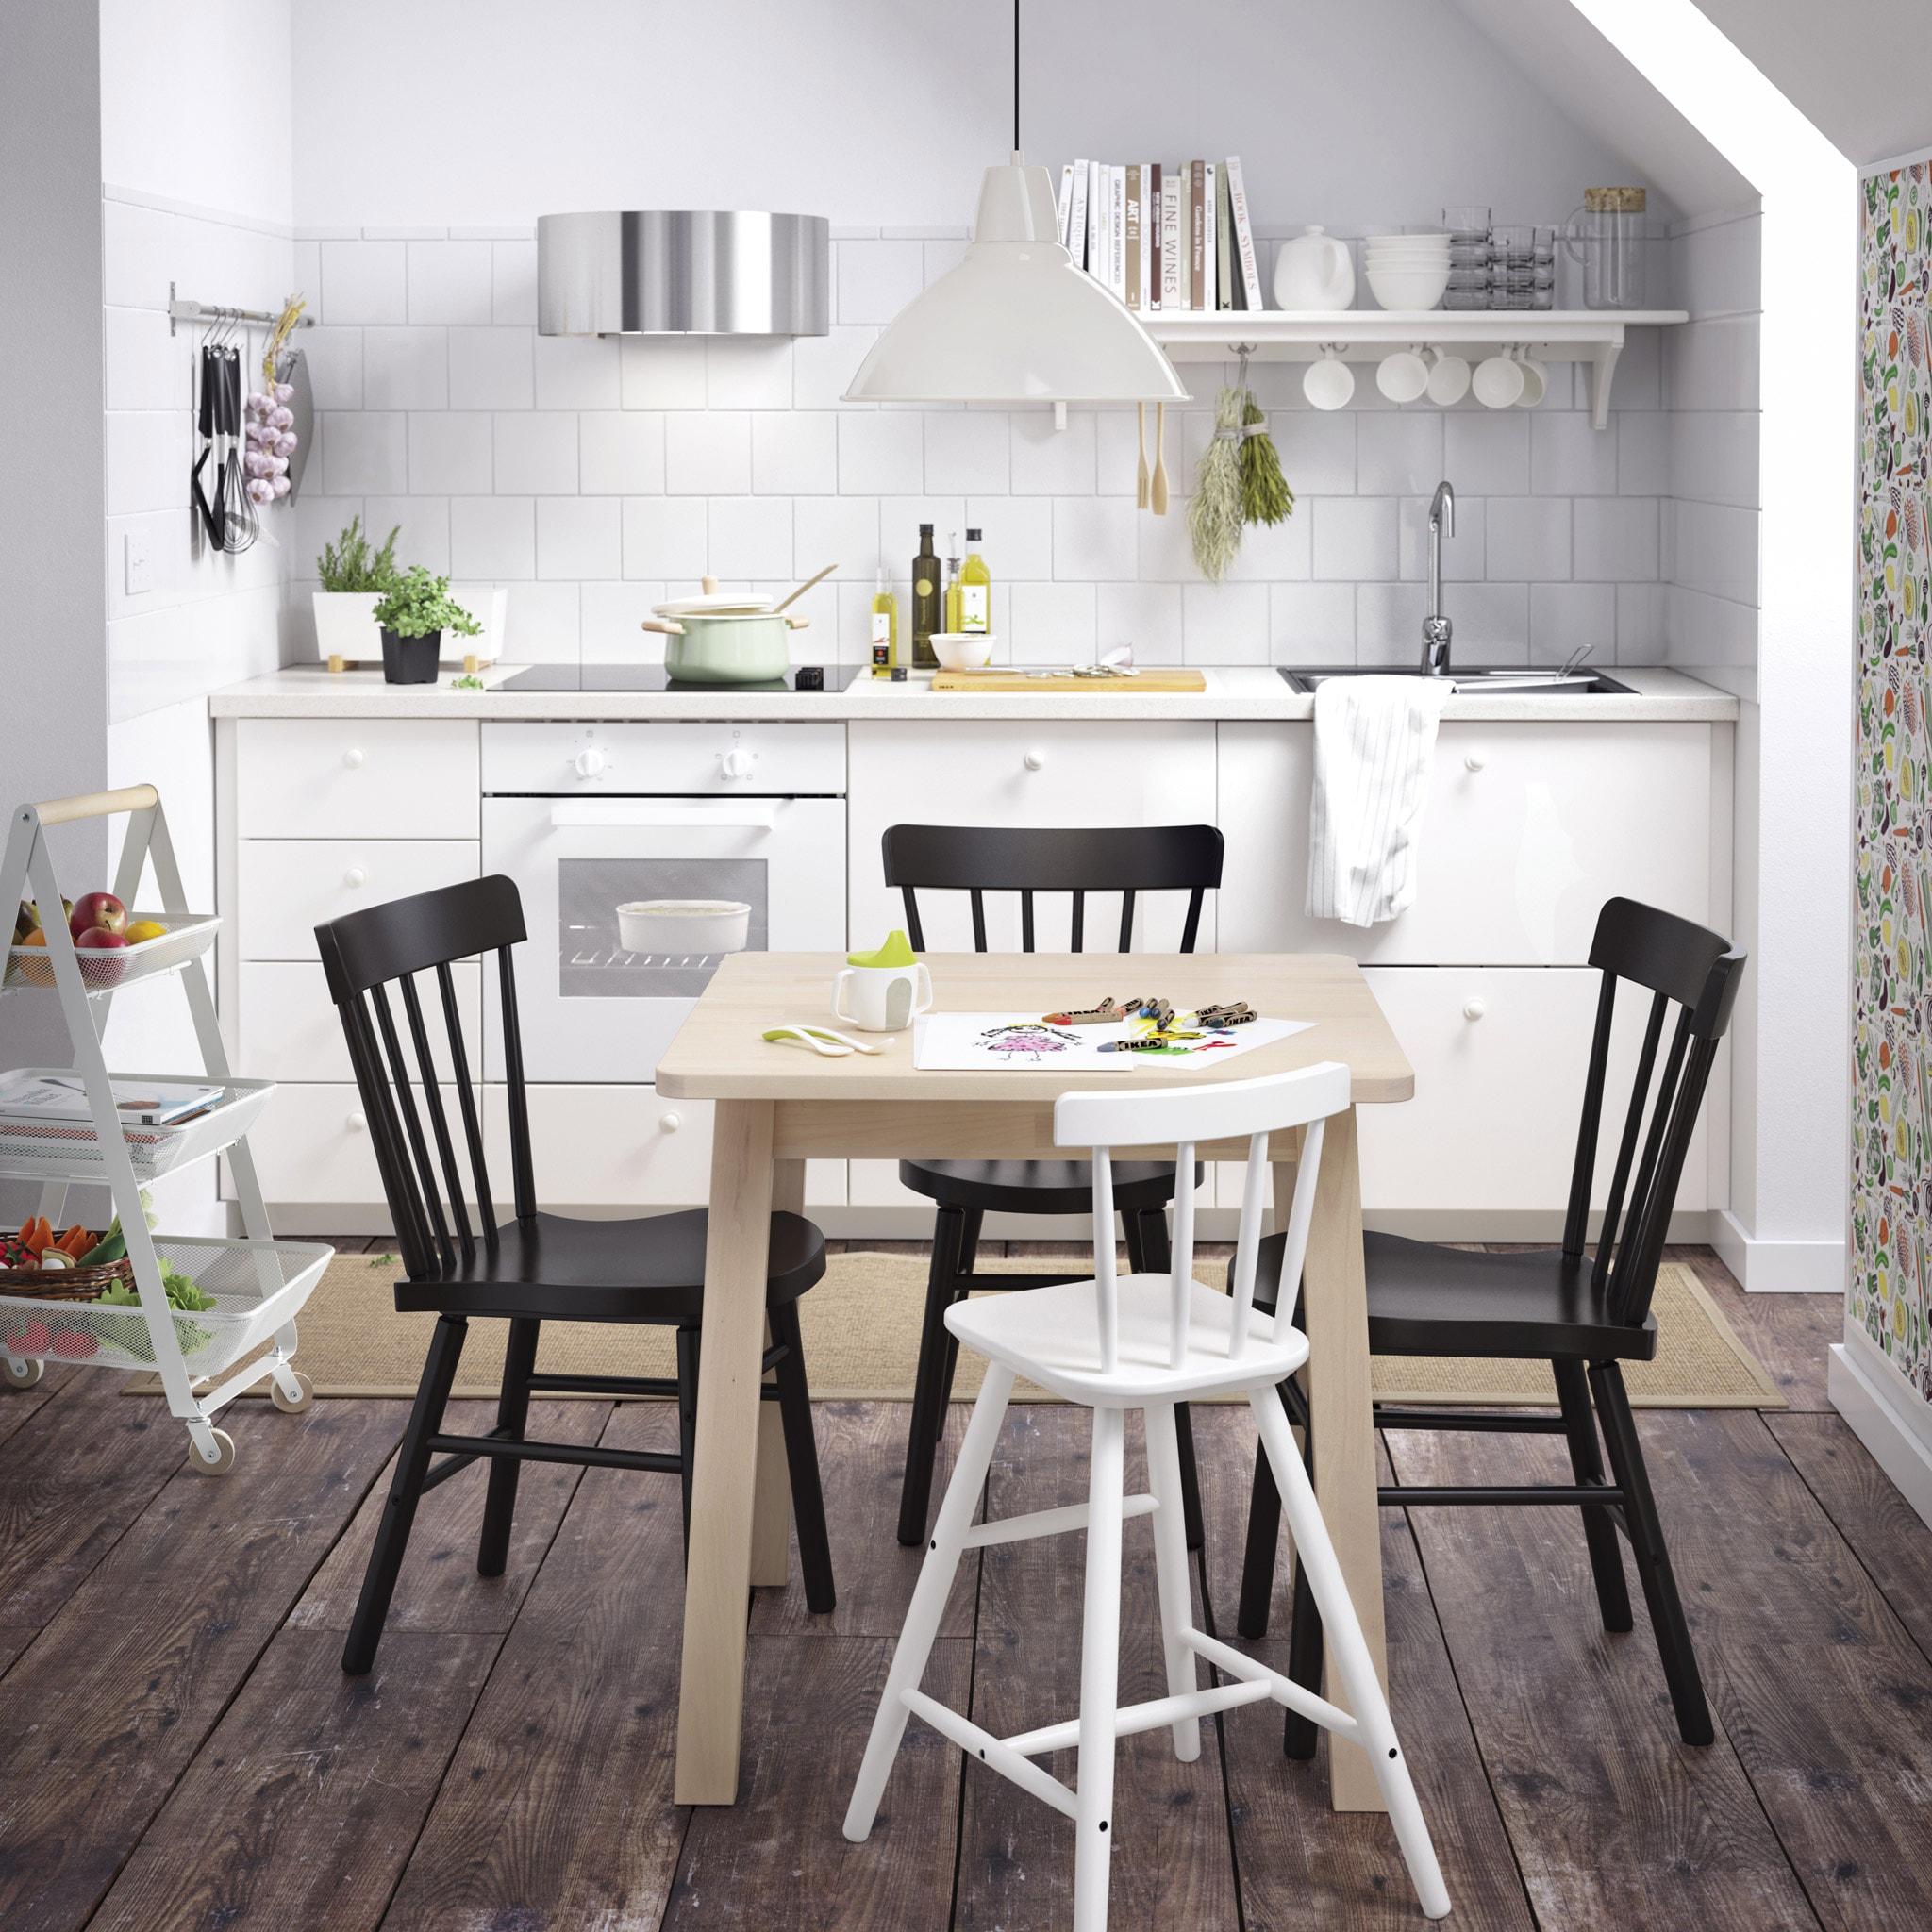 طاولة طعام للمطبخ صغيرة الحجم